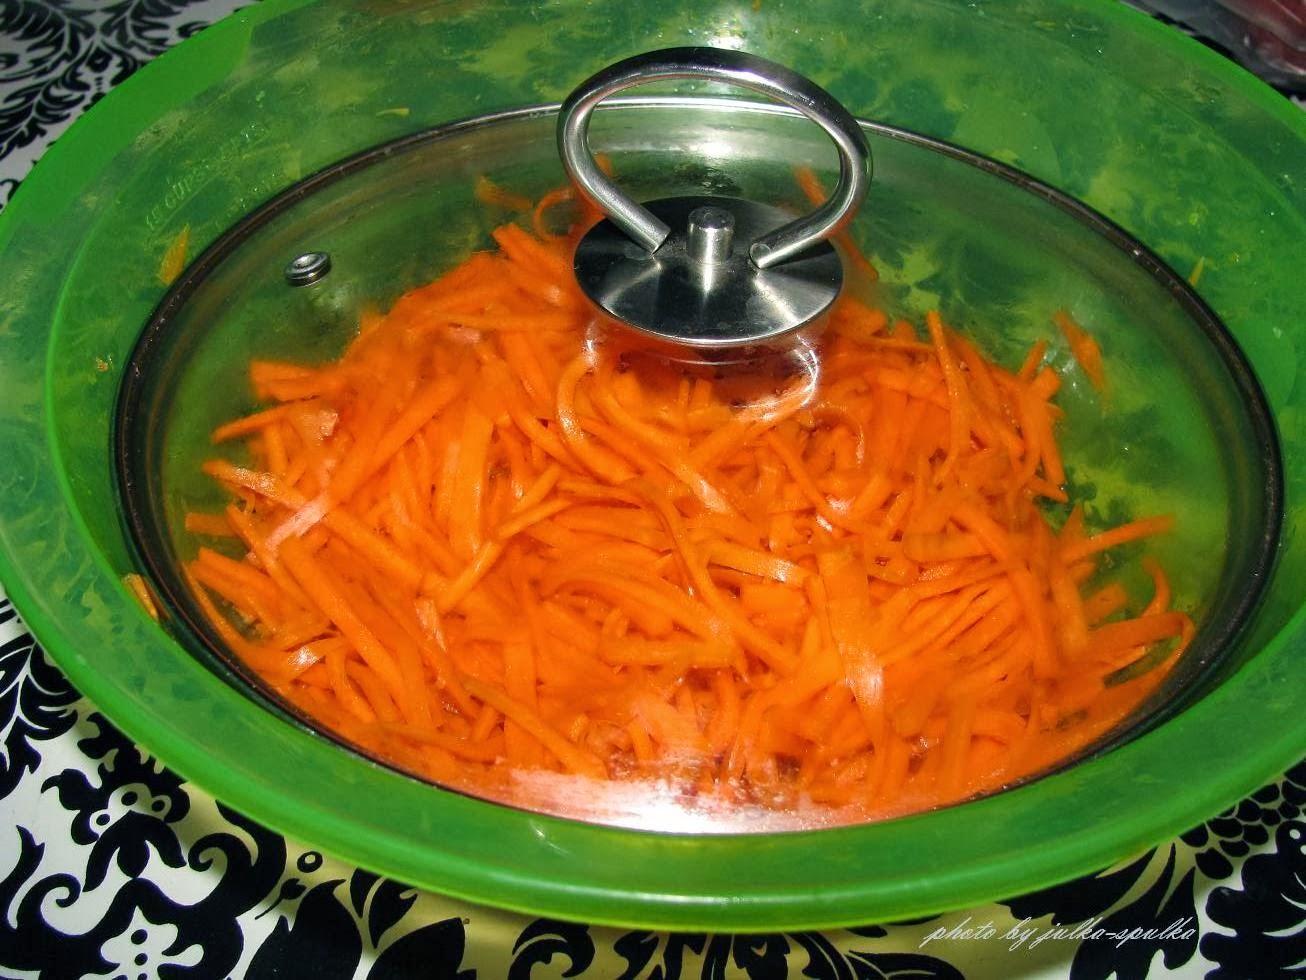 солянка суп рецепт с курицей пошагово